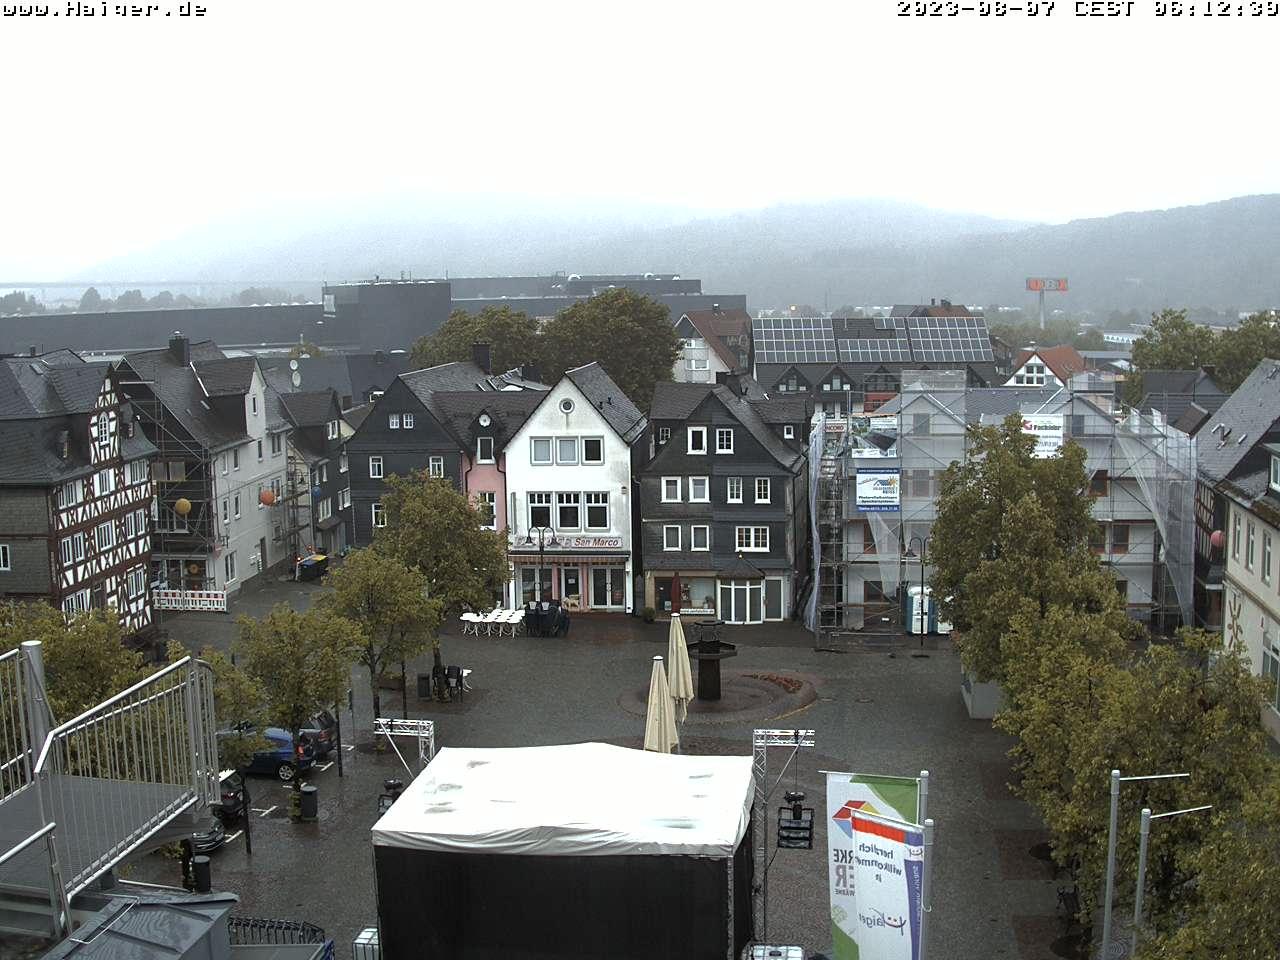 Webcam Livebild - Aktualisierung alle 60 Sekunden